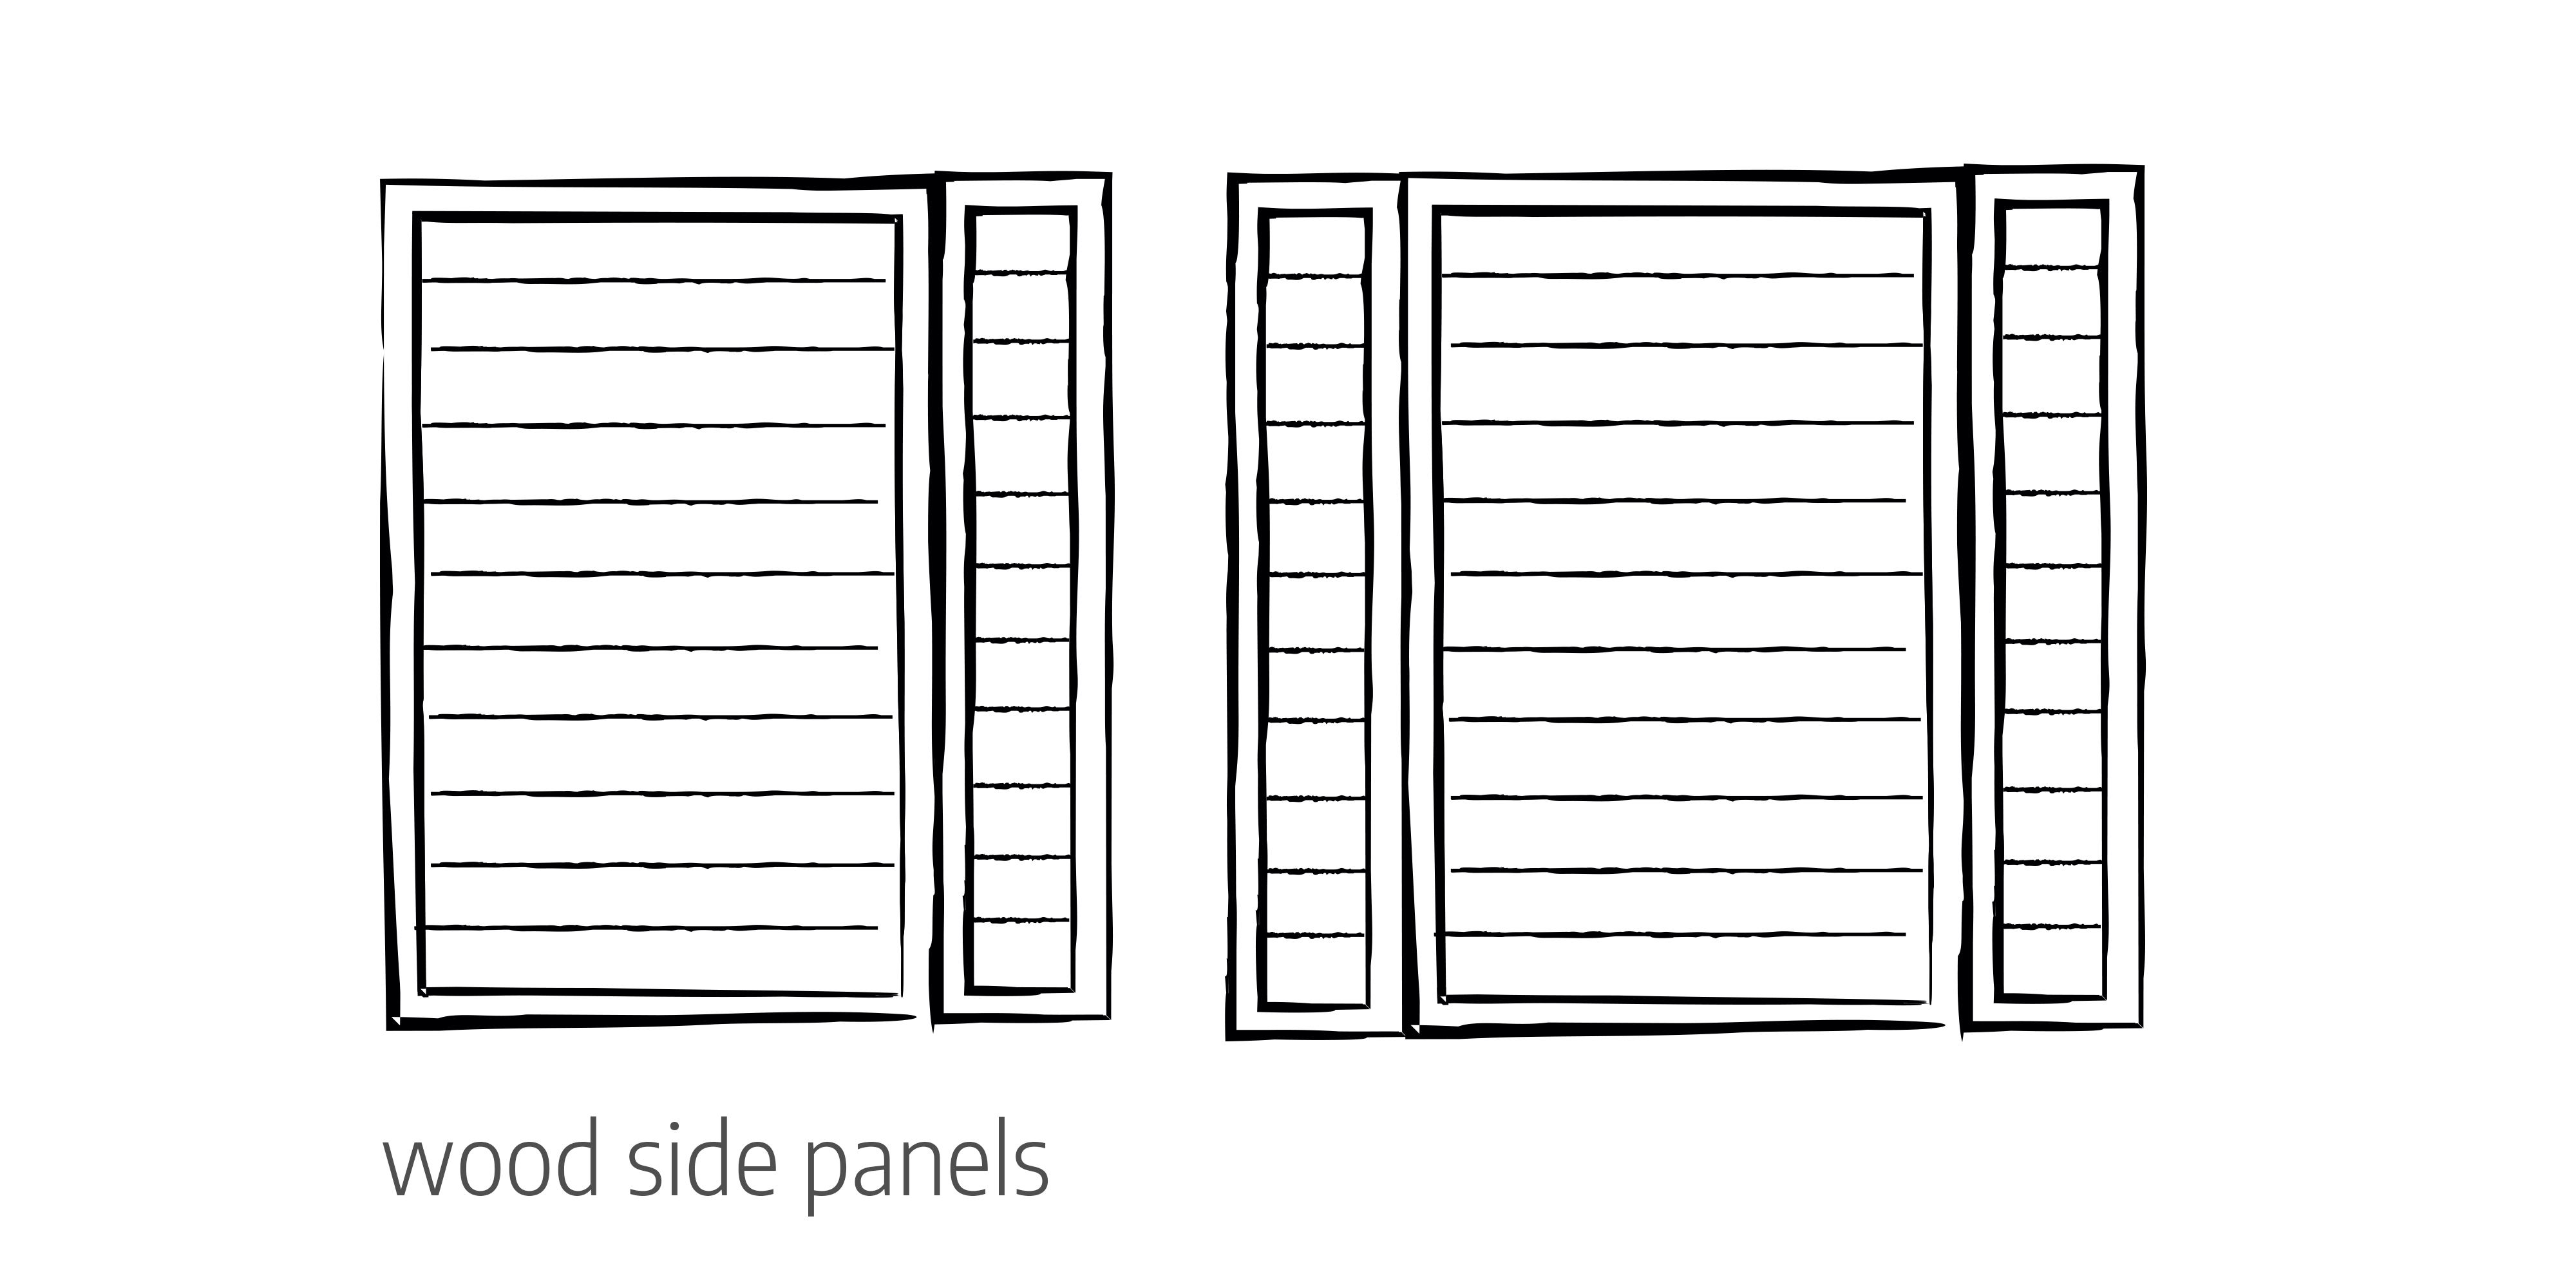 Wood side panels door configurations Urban Front